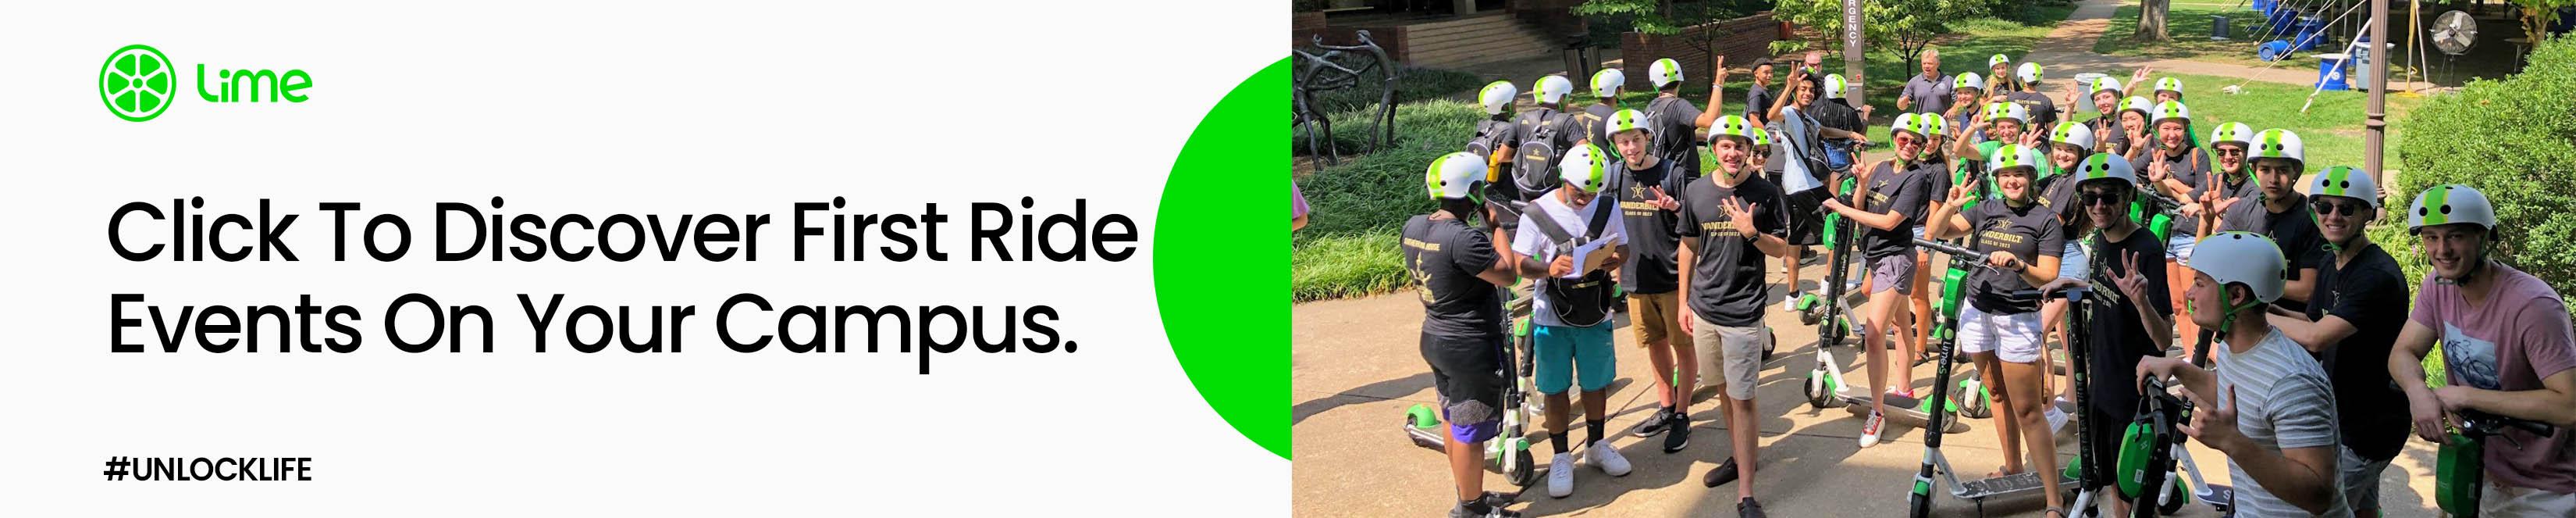 Lime promeut la sécurité des scooters lors de la rentrée des classes avec les événements First Ride Campus